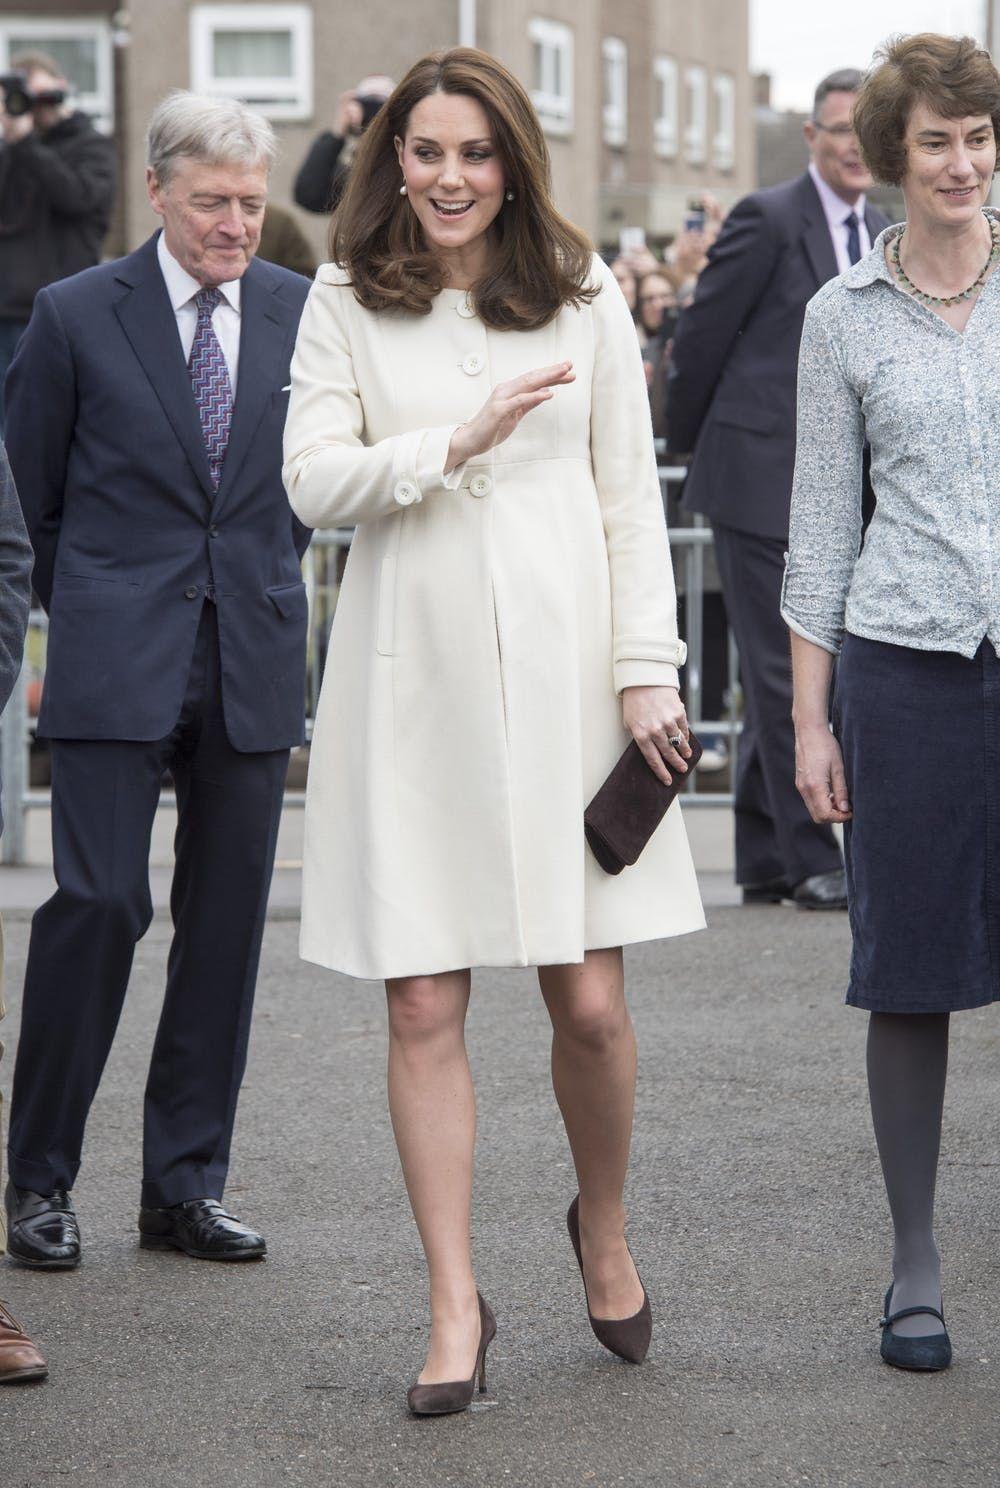 Adu Gaya Kate Middleton Vs Pippa Middleton, Royal Family Stylish!